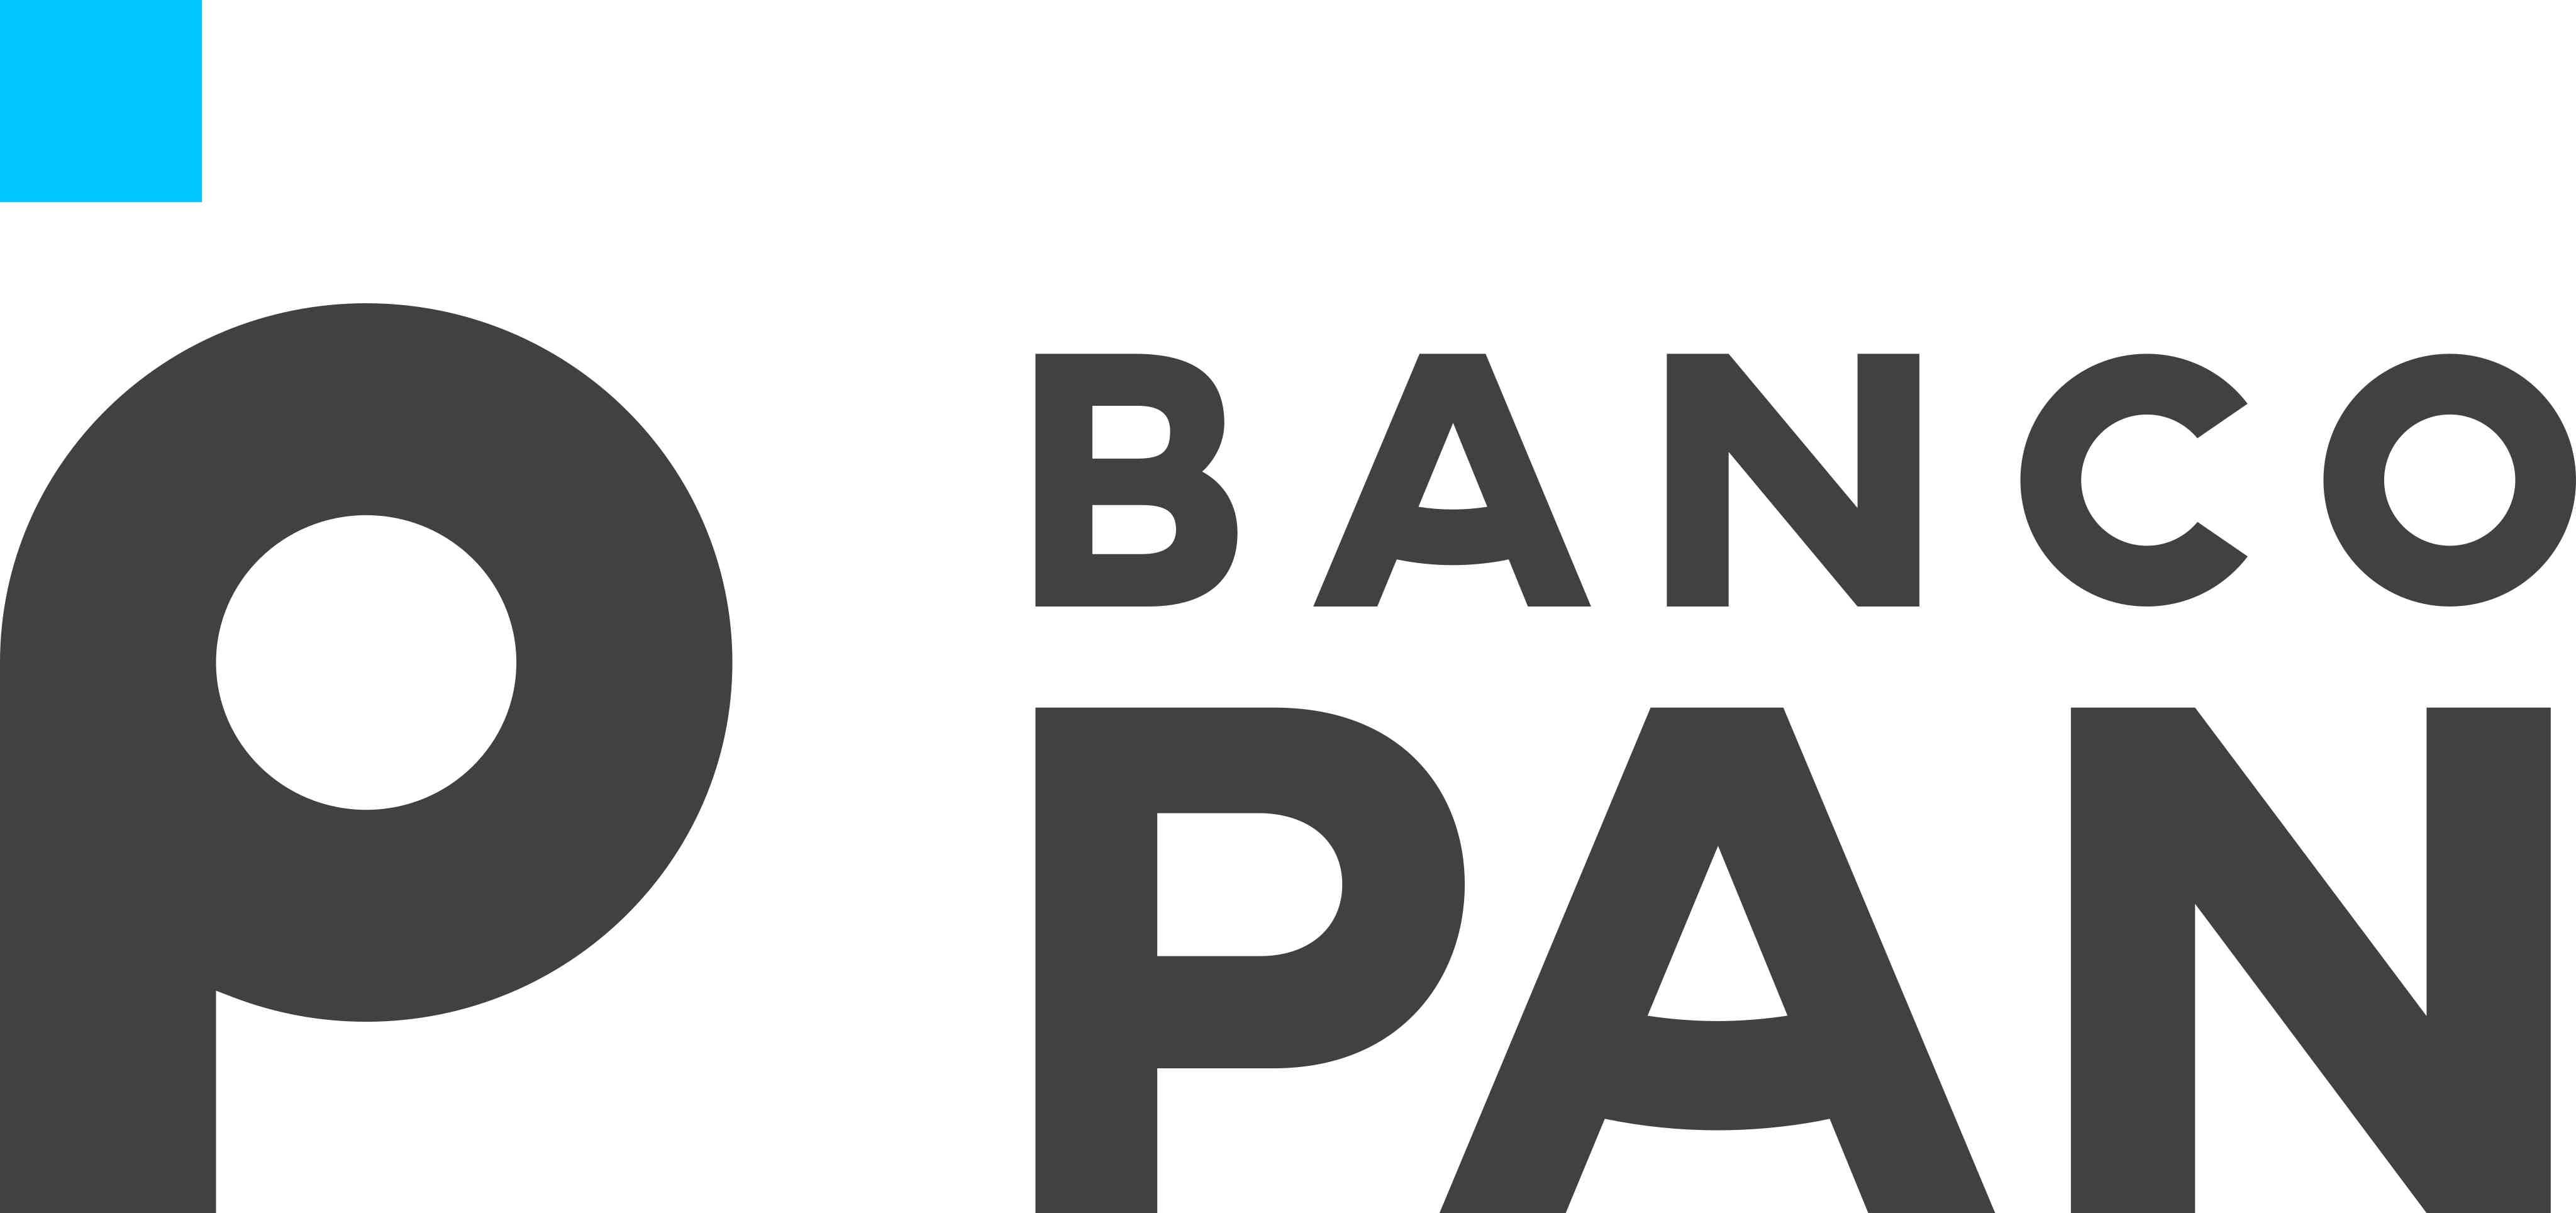 Mas, afinal, quem é o Banco Pan?